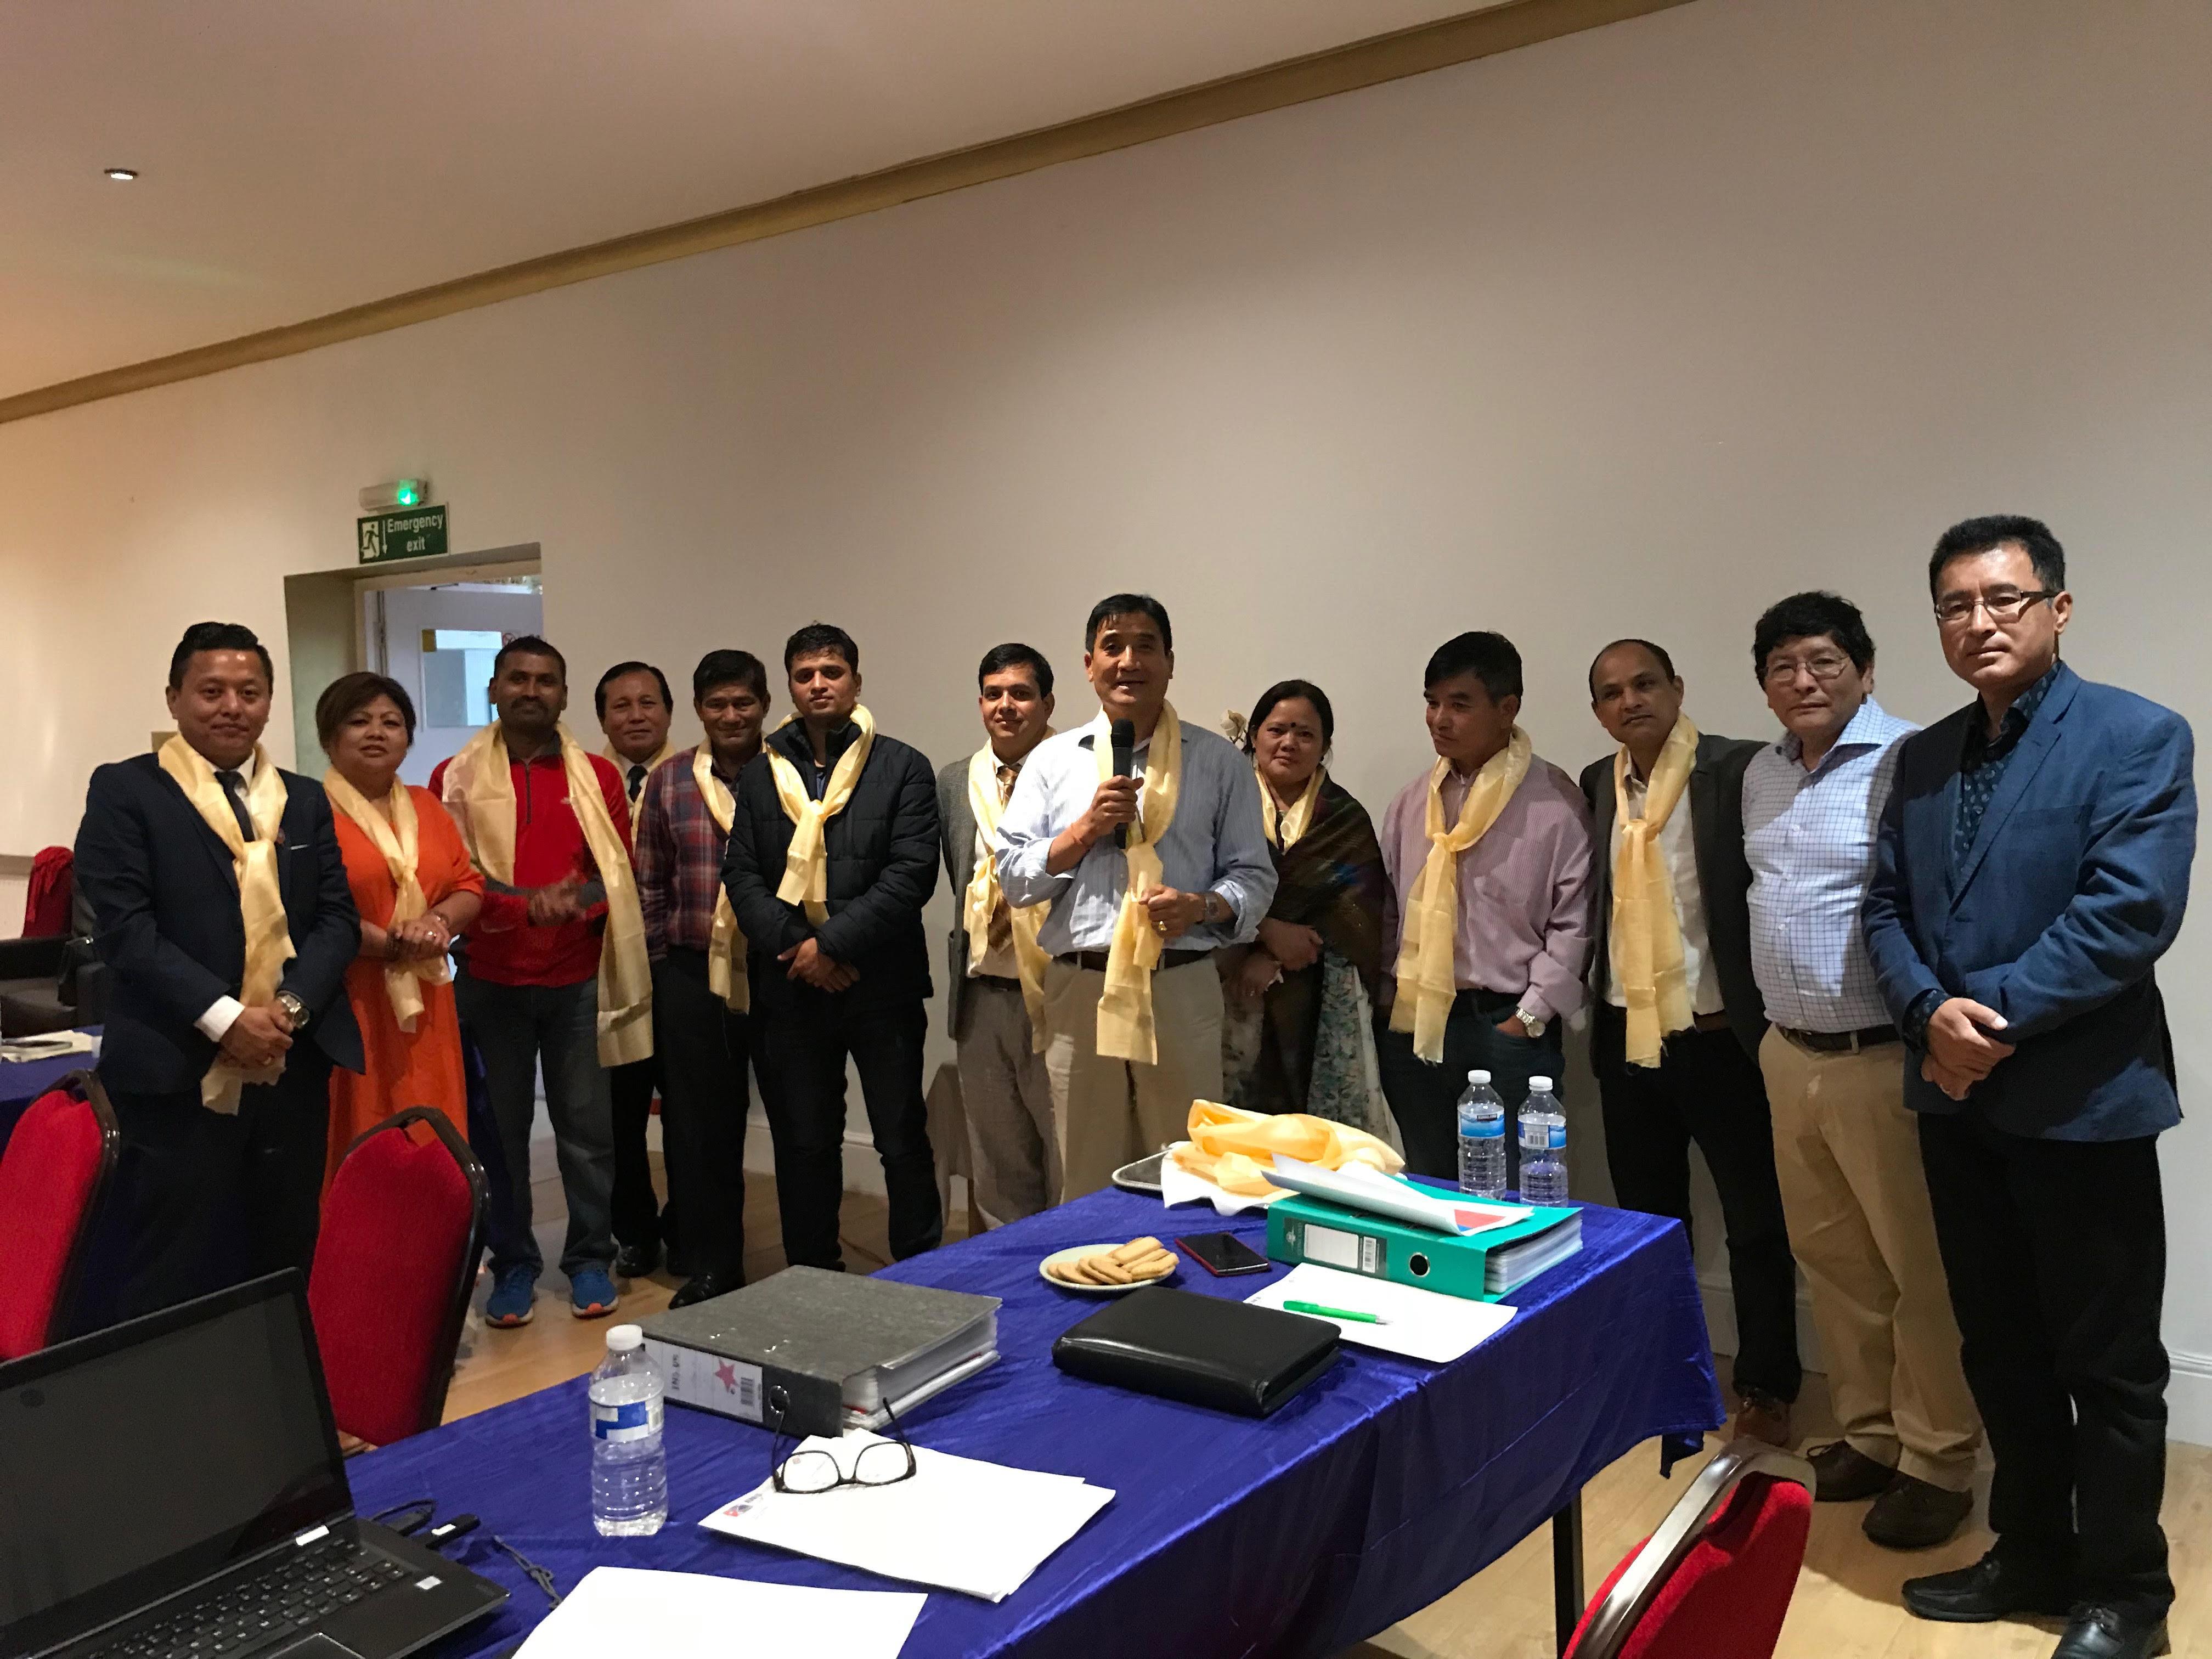 अन्तर्राष्ट्रिय नेपाली समाजका अध्यक्षमा चन्द्र निर्वाचित